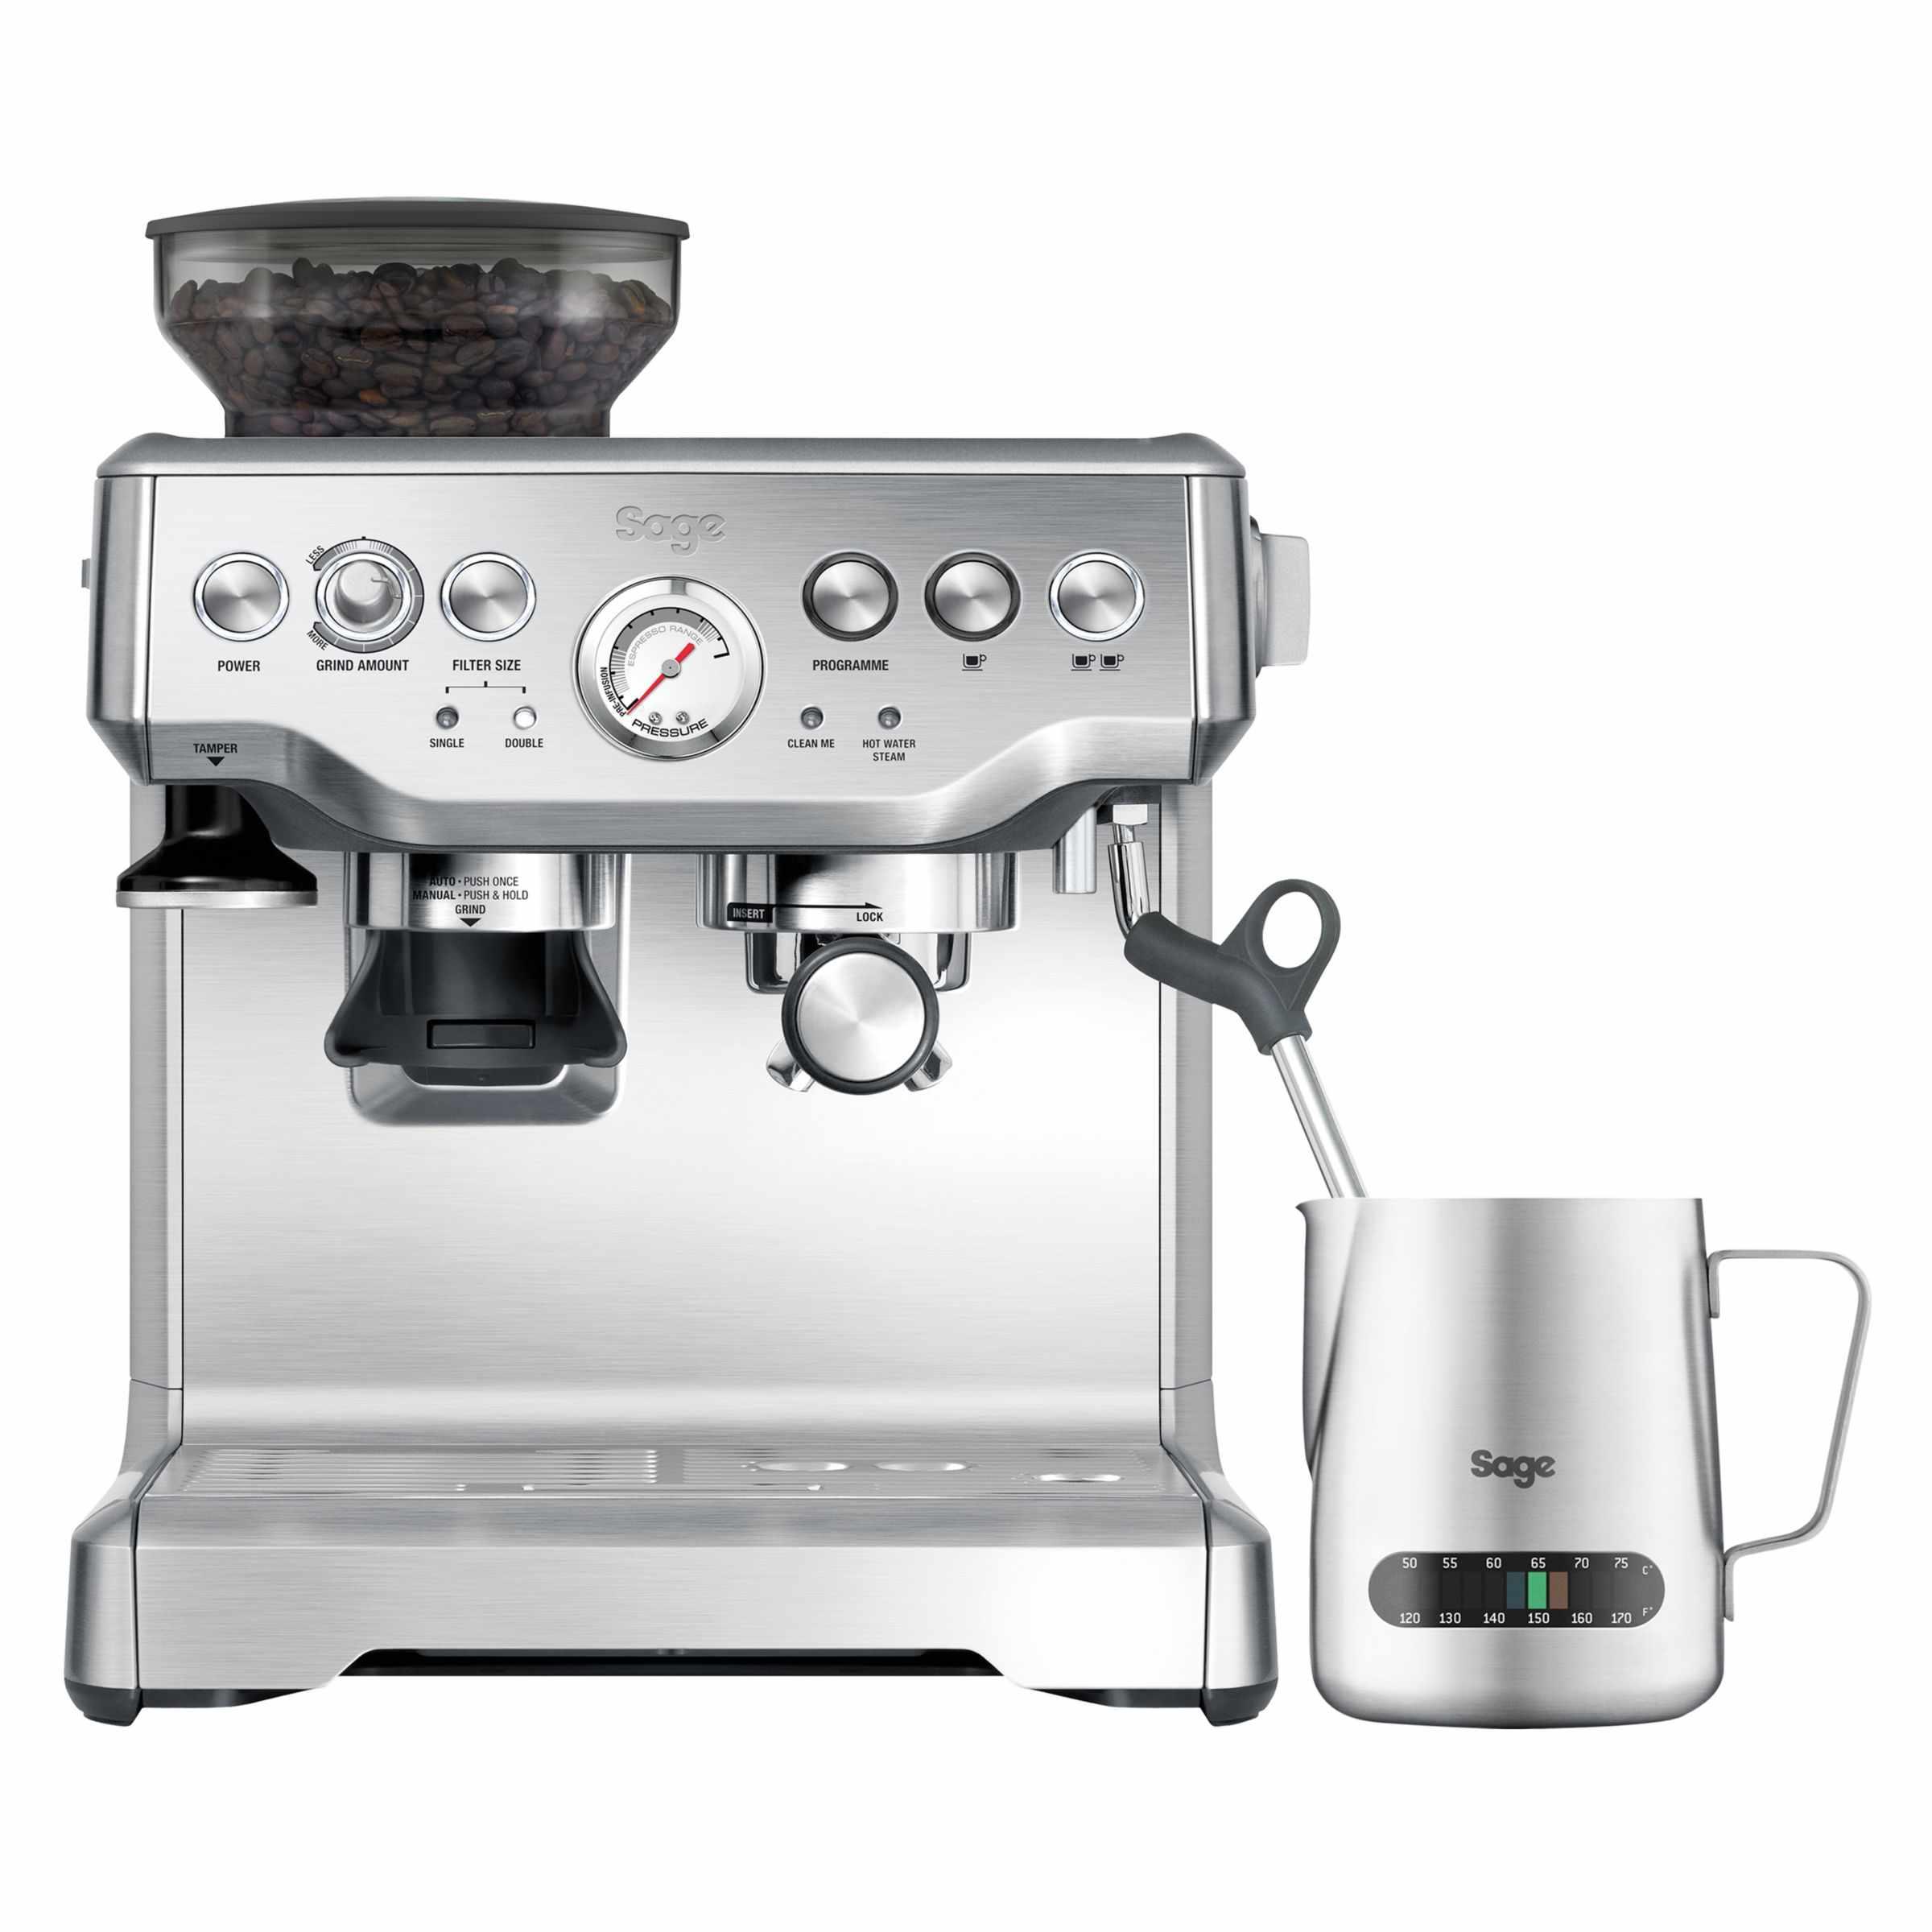 £599.99, sageappliances.com